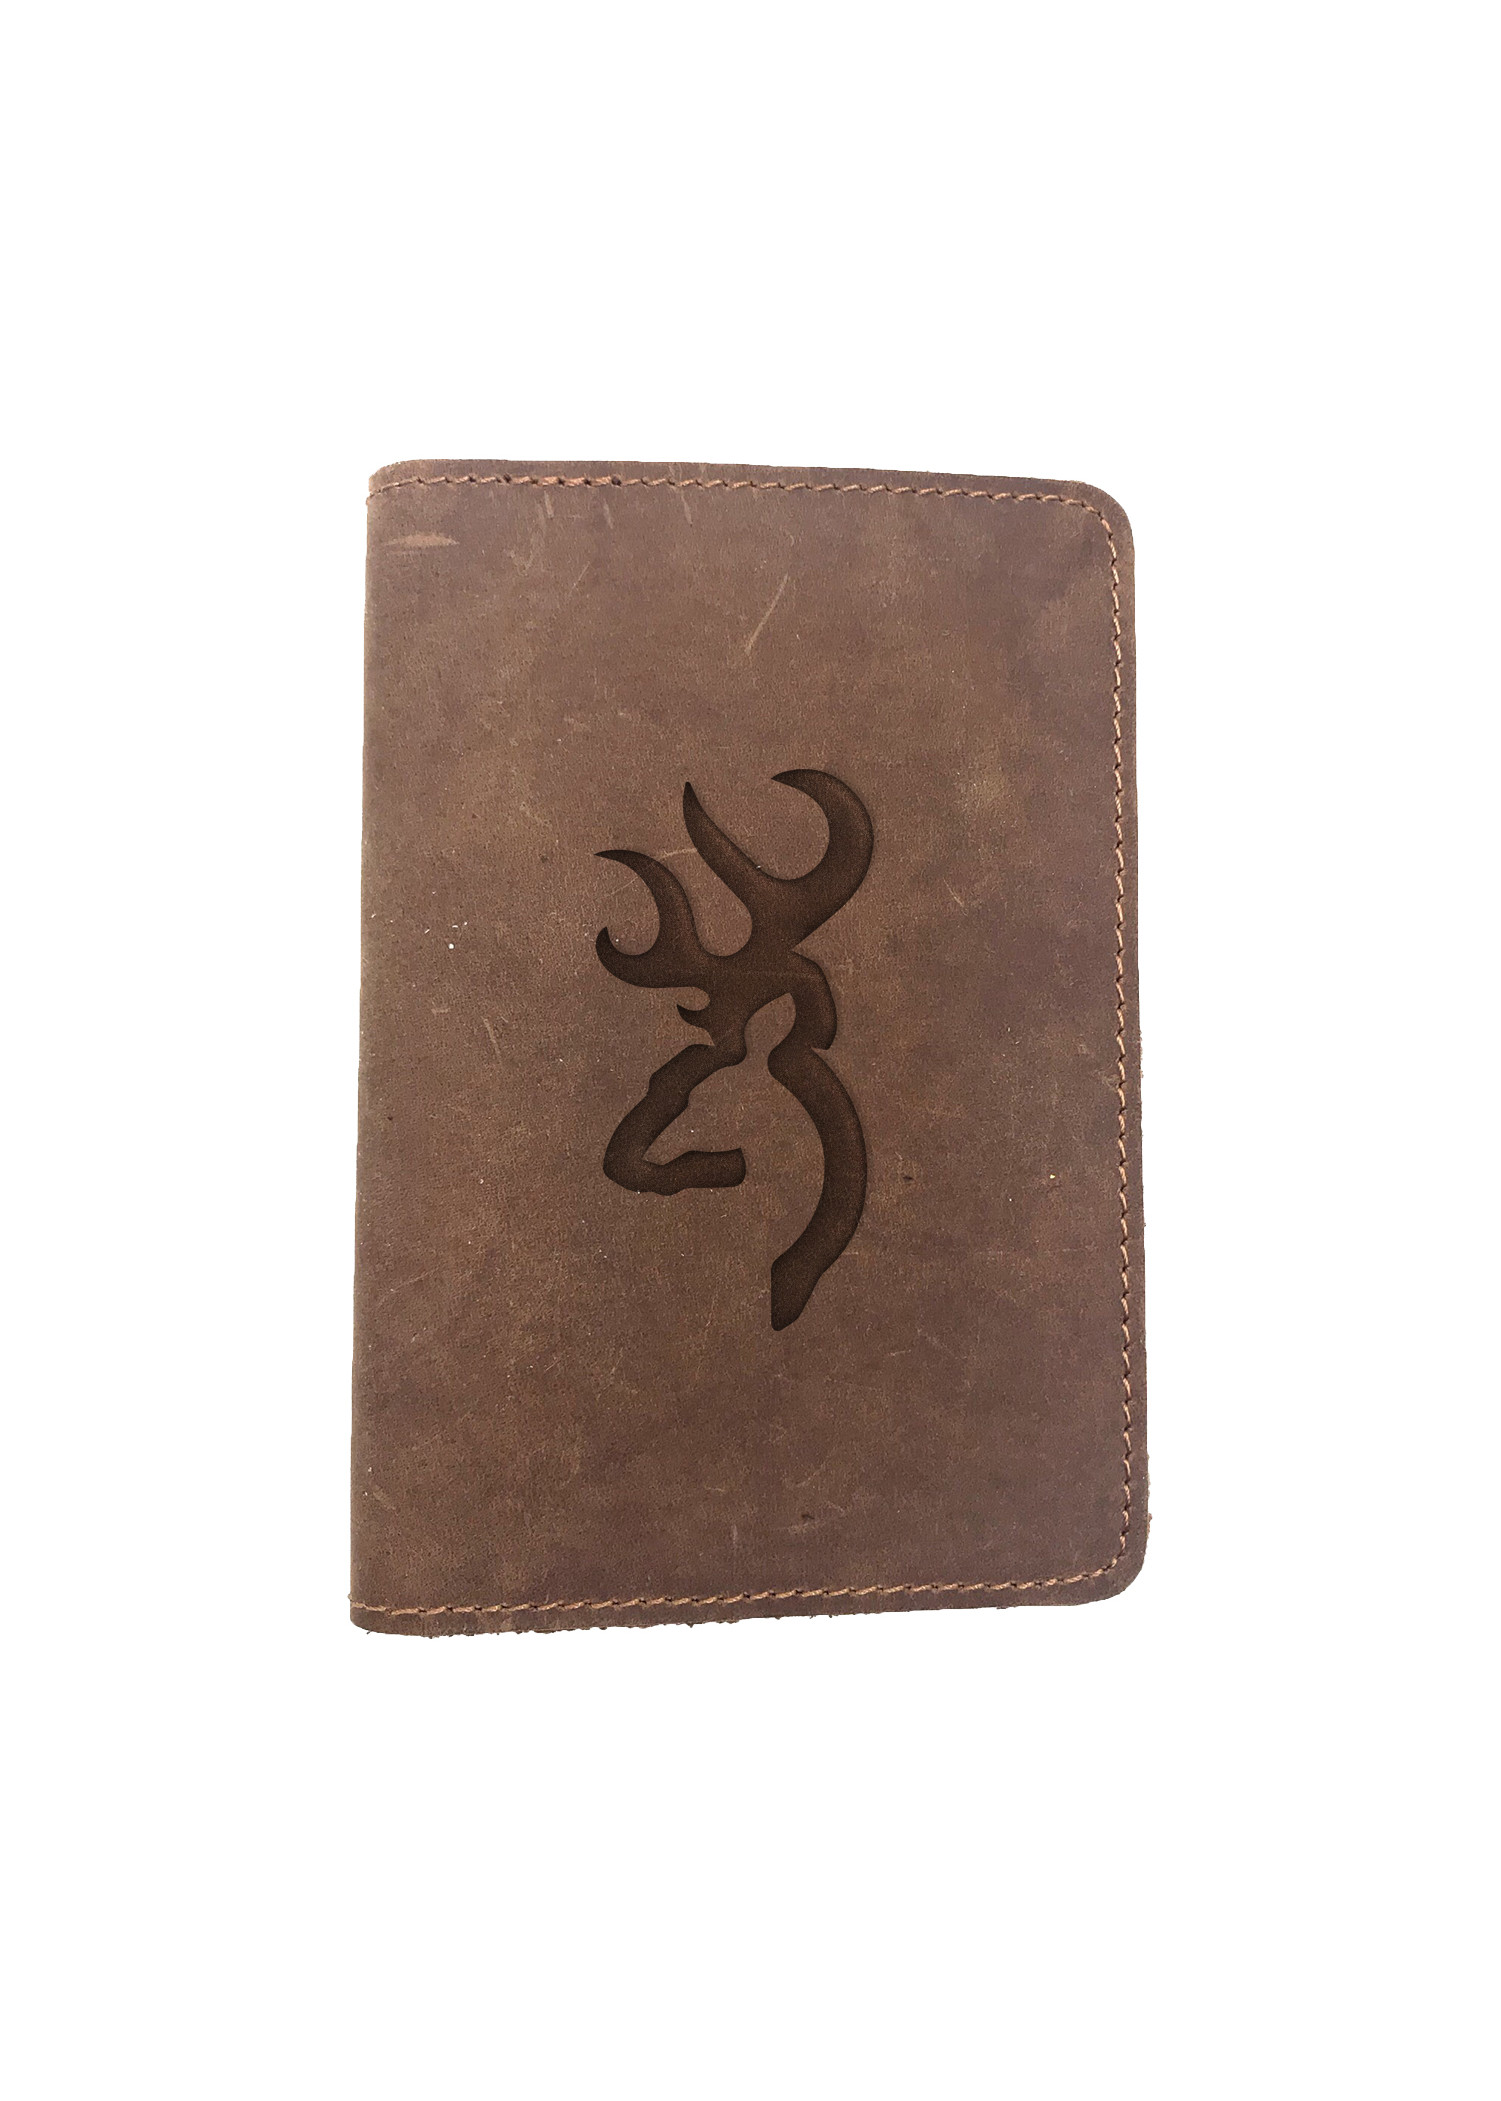 Passport Cover Bao Da Hộ Chiếu Da Sáp Khắc Hình Săn HUNTING (BROWN)